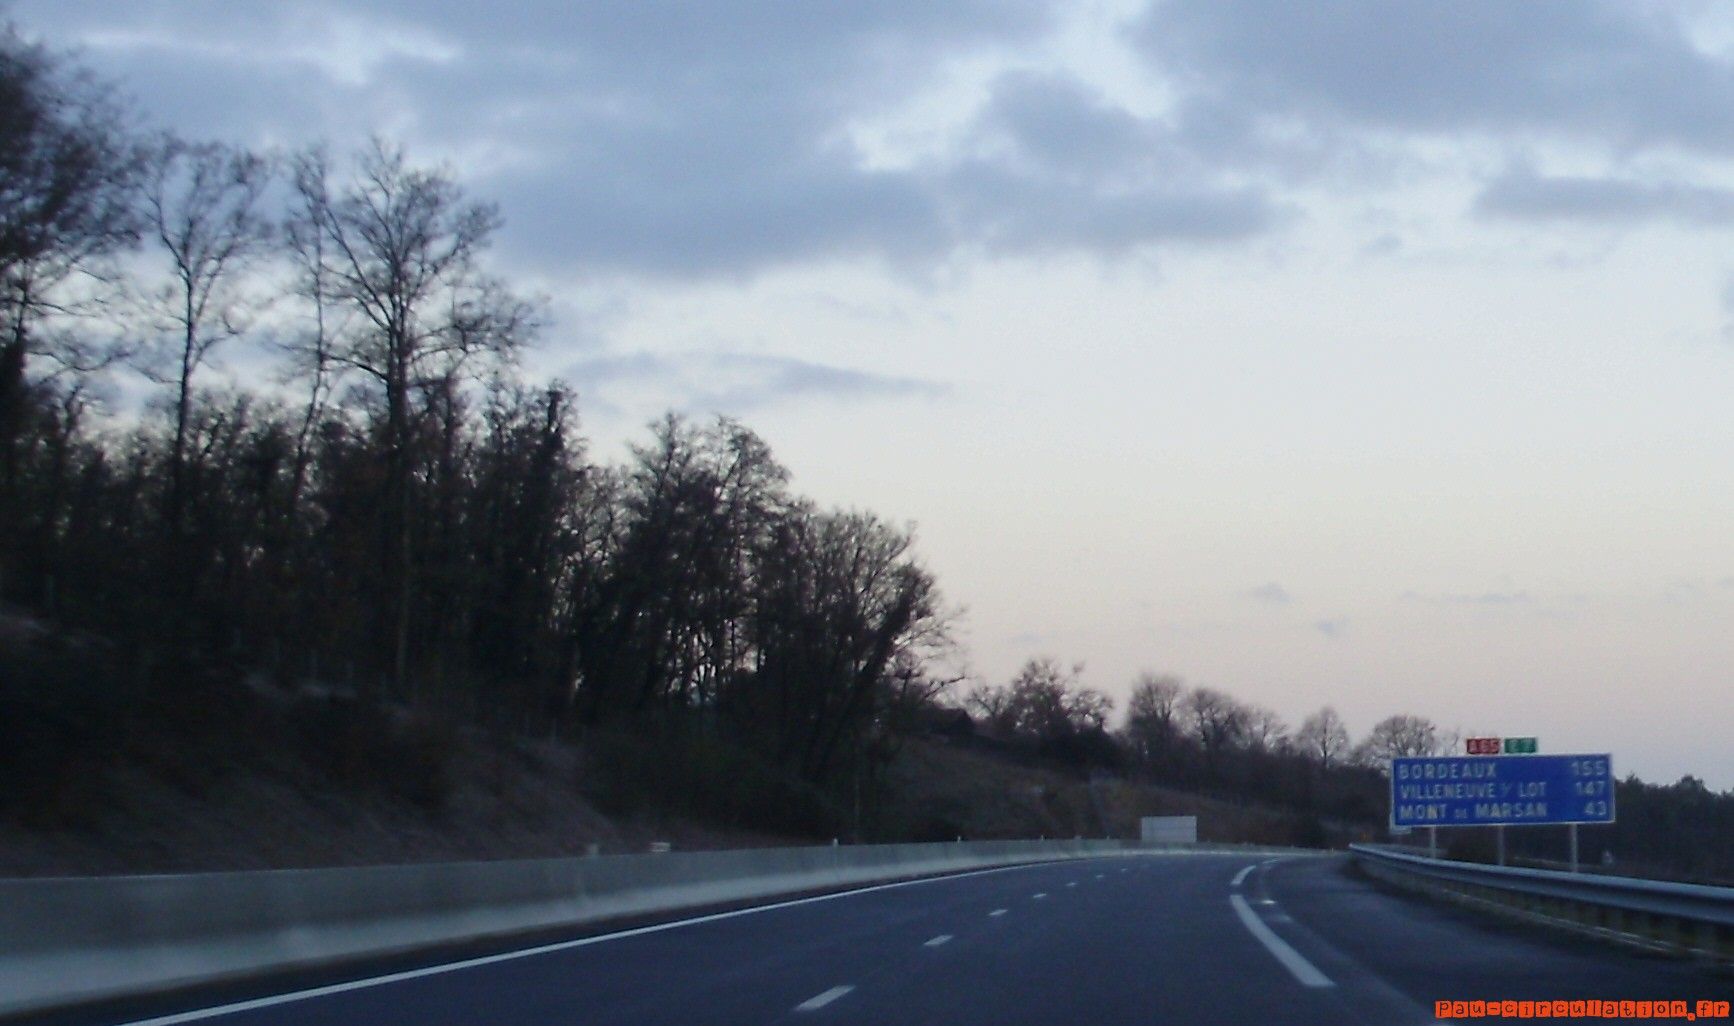 A65, un déficit de 35 millions d'euros pour l'exercice 2012…